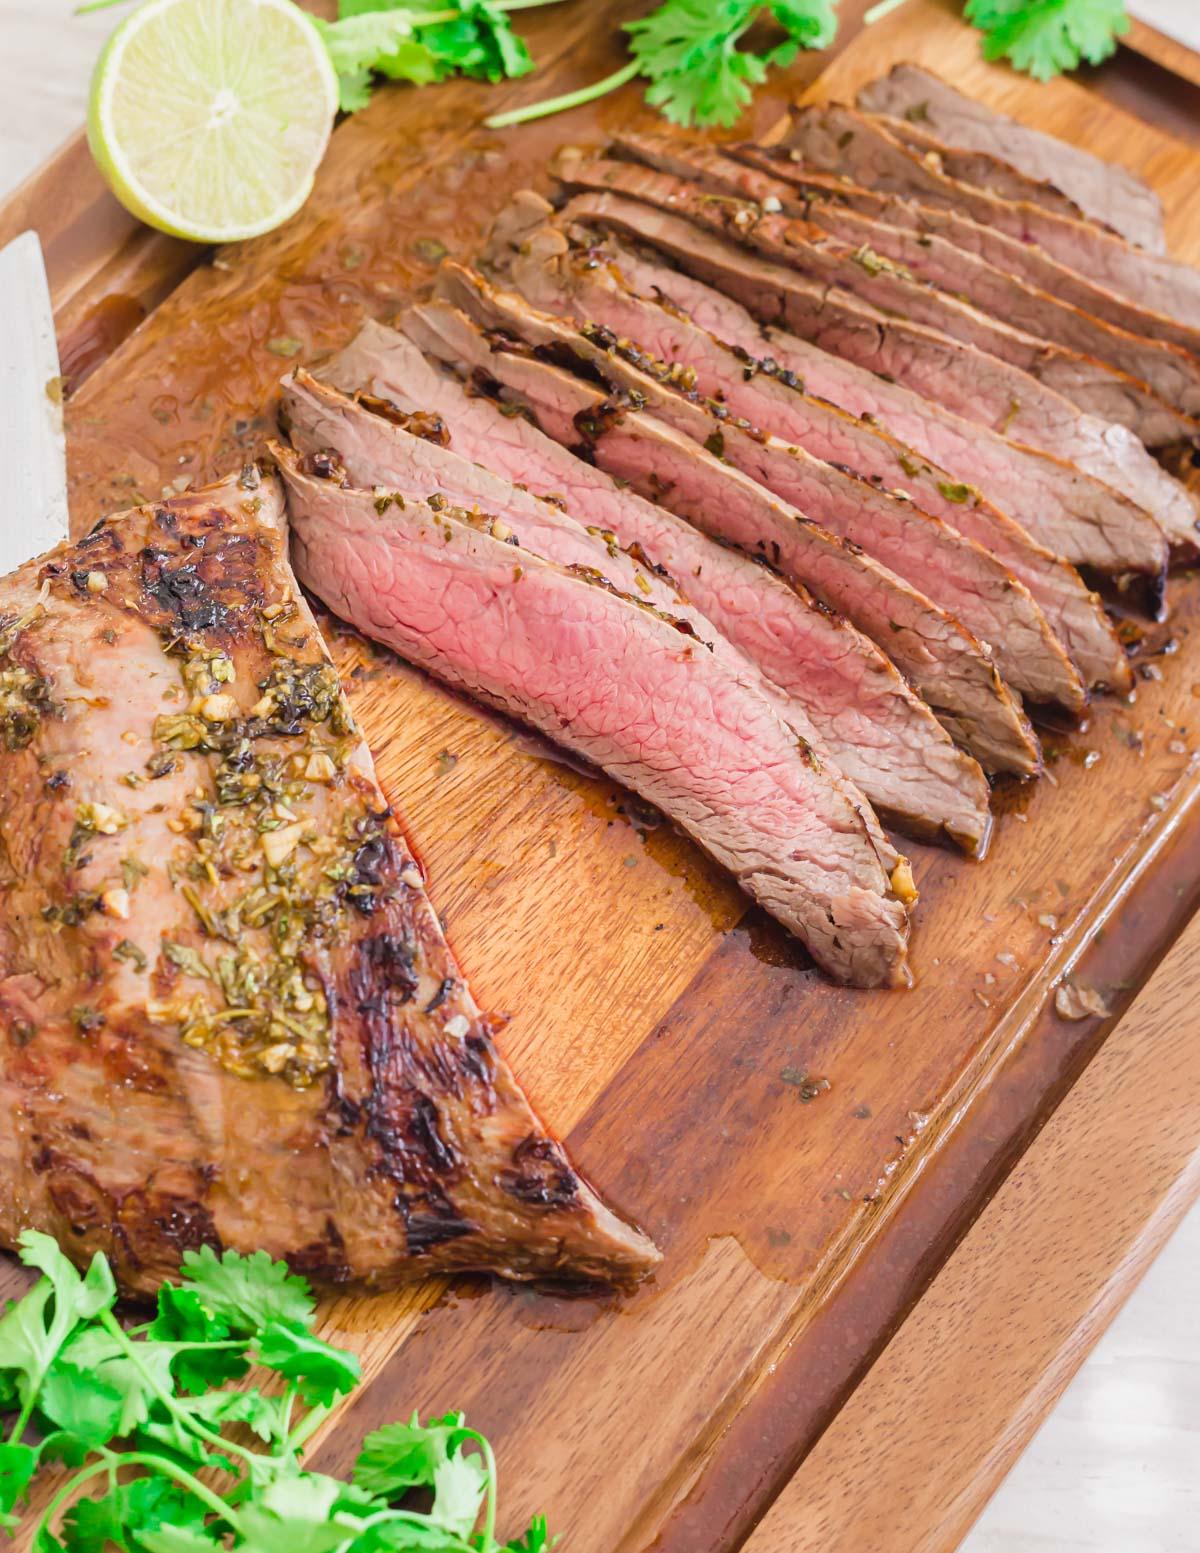 Grilled carne asada flank steak sliced on a cutting board.